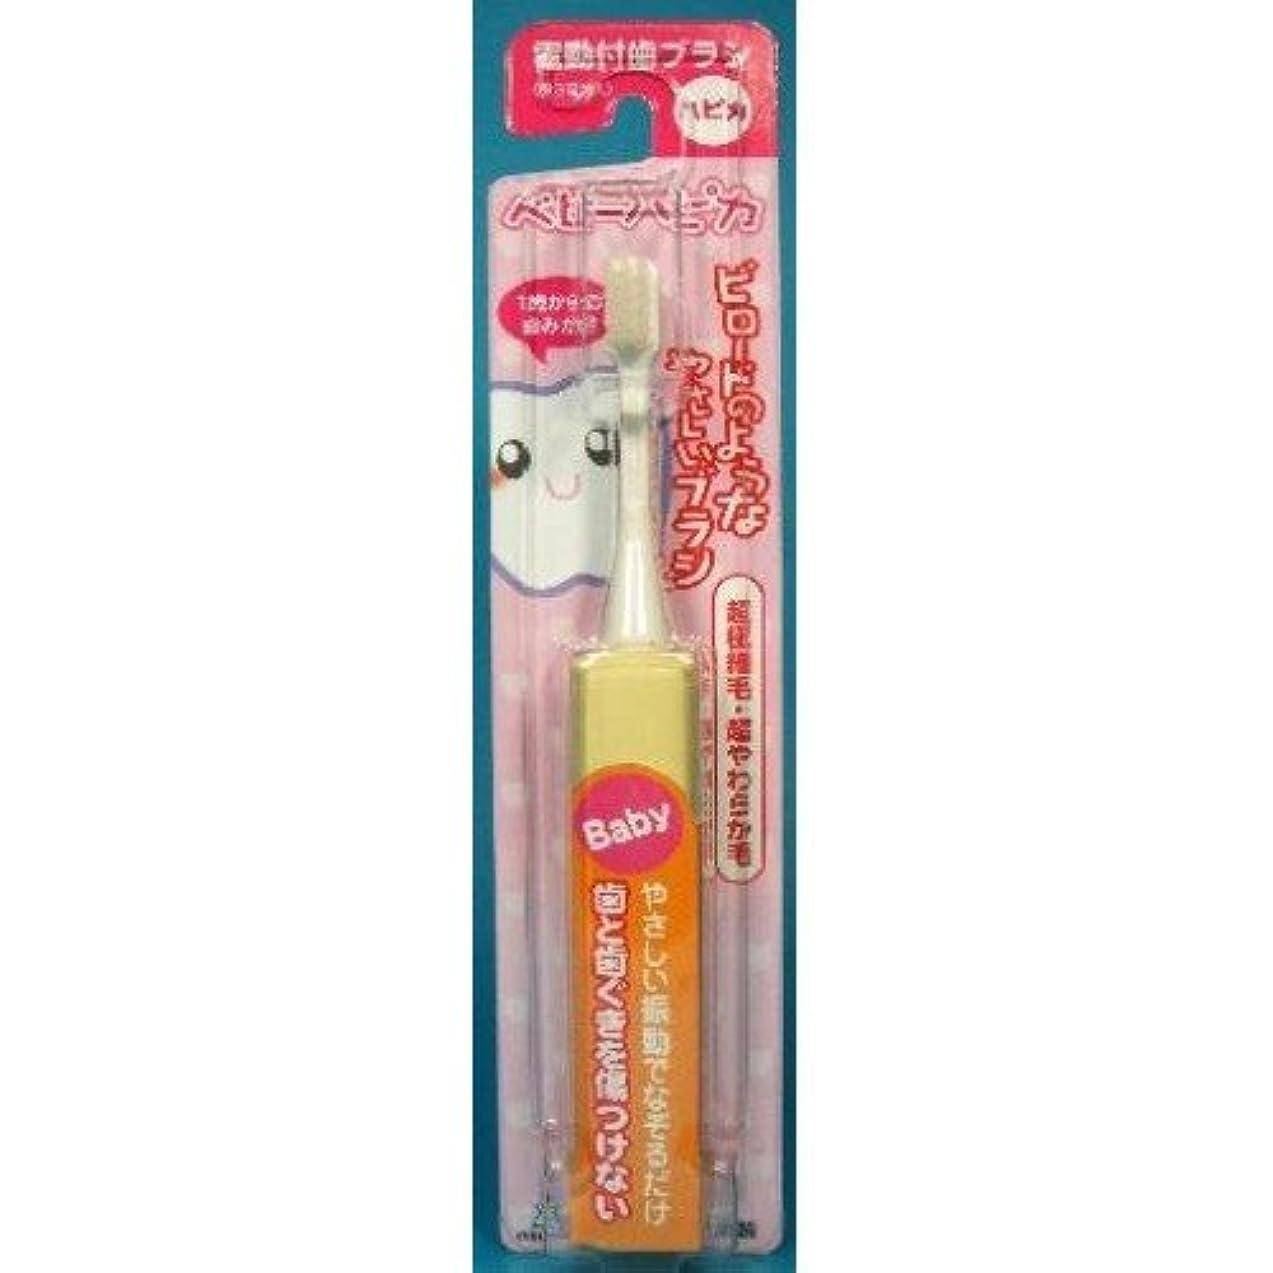 マスク性能通信網ミニマム 電動付歯ブラシ ベビーハピカ イエロー 毛の硬さ:超やわらかめ DBB-1Y(BP)